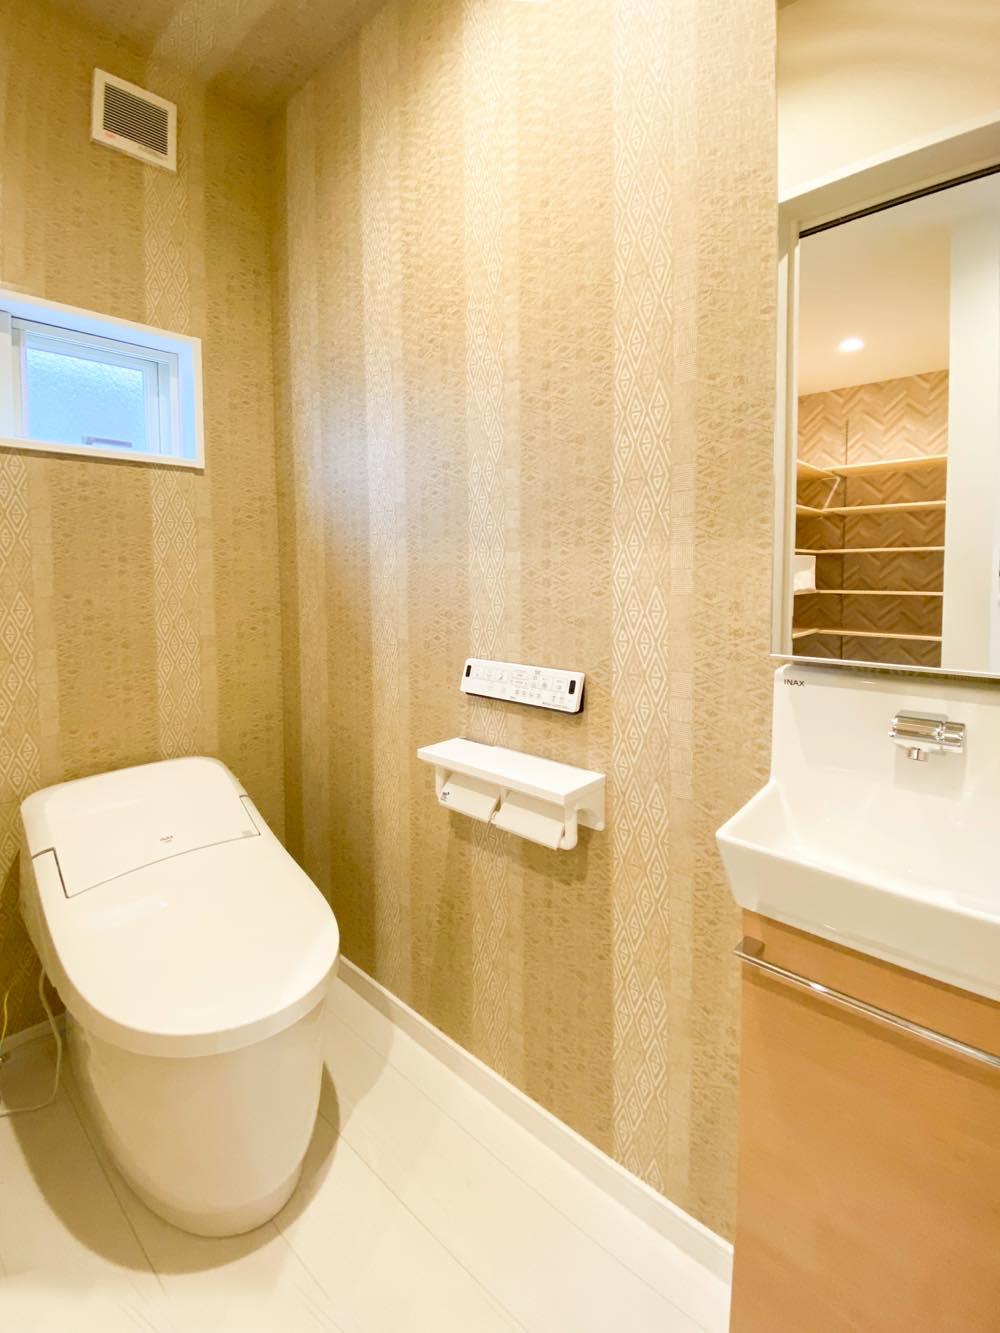 ルミナージュ岸和田第3段モデルハウス 1Fトイレ